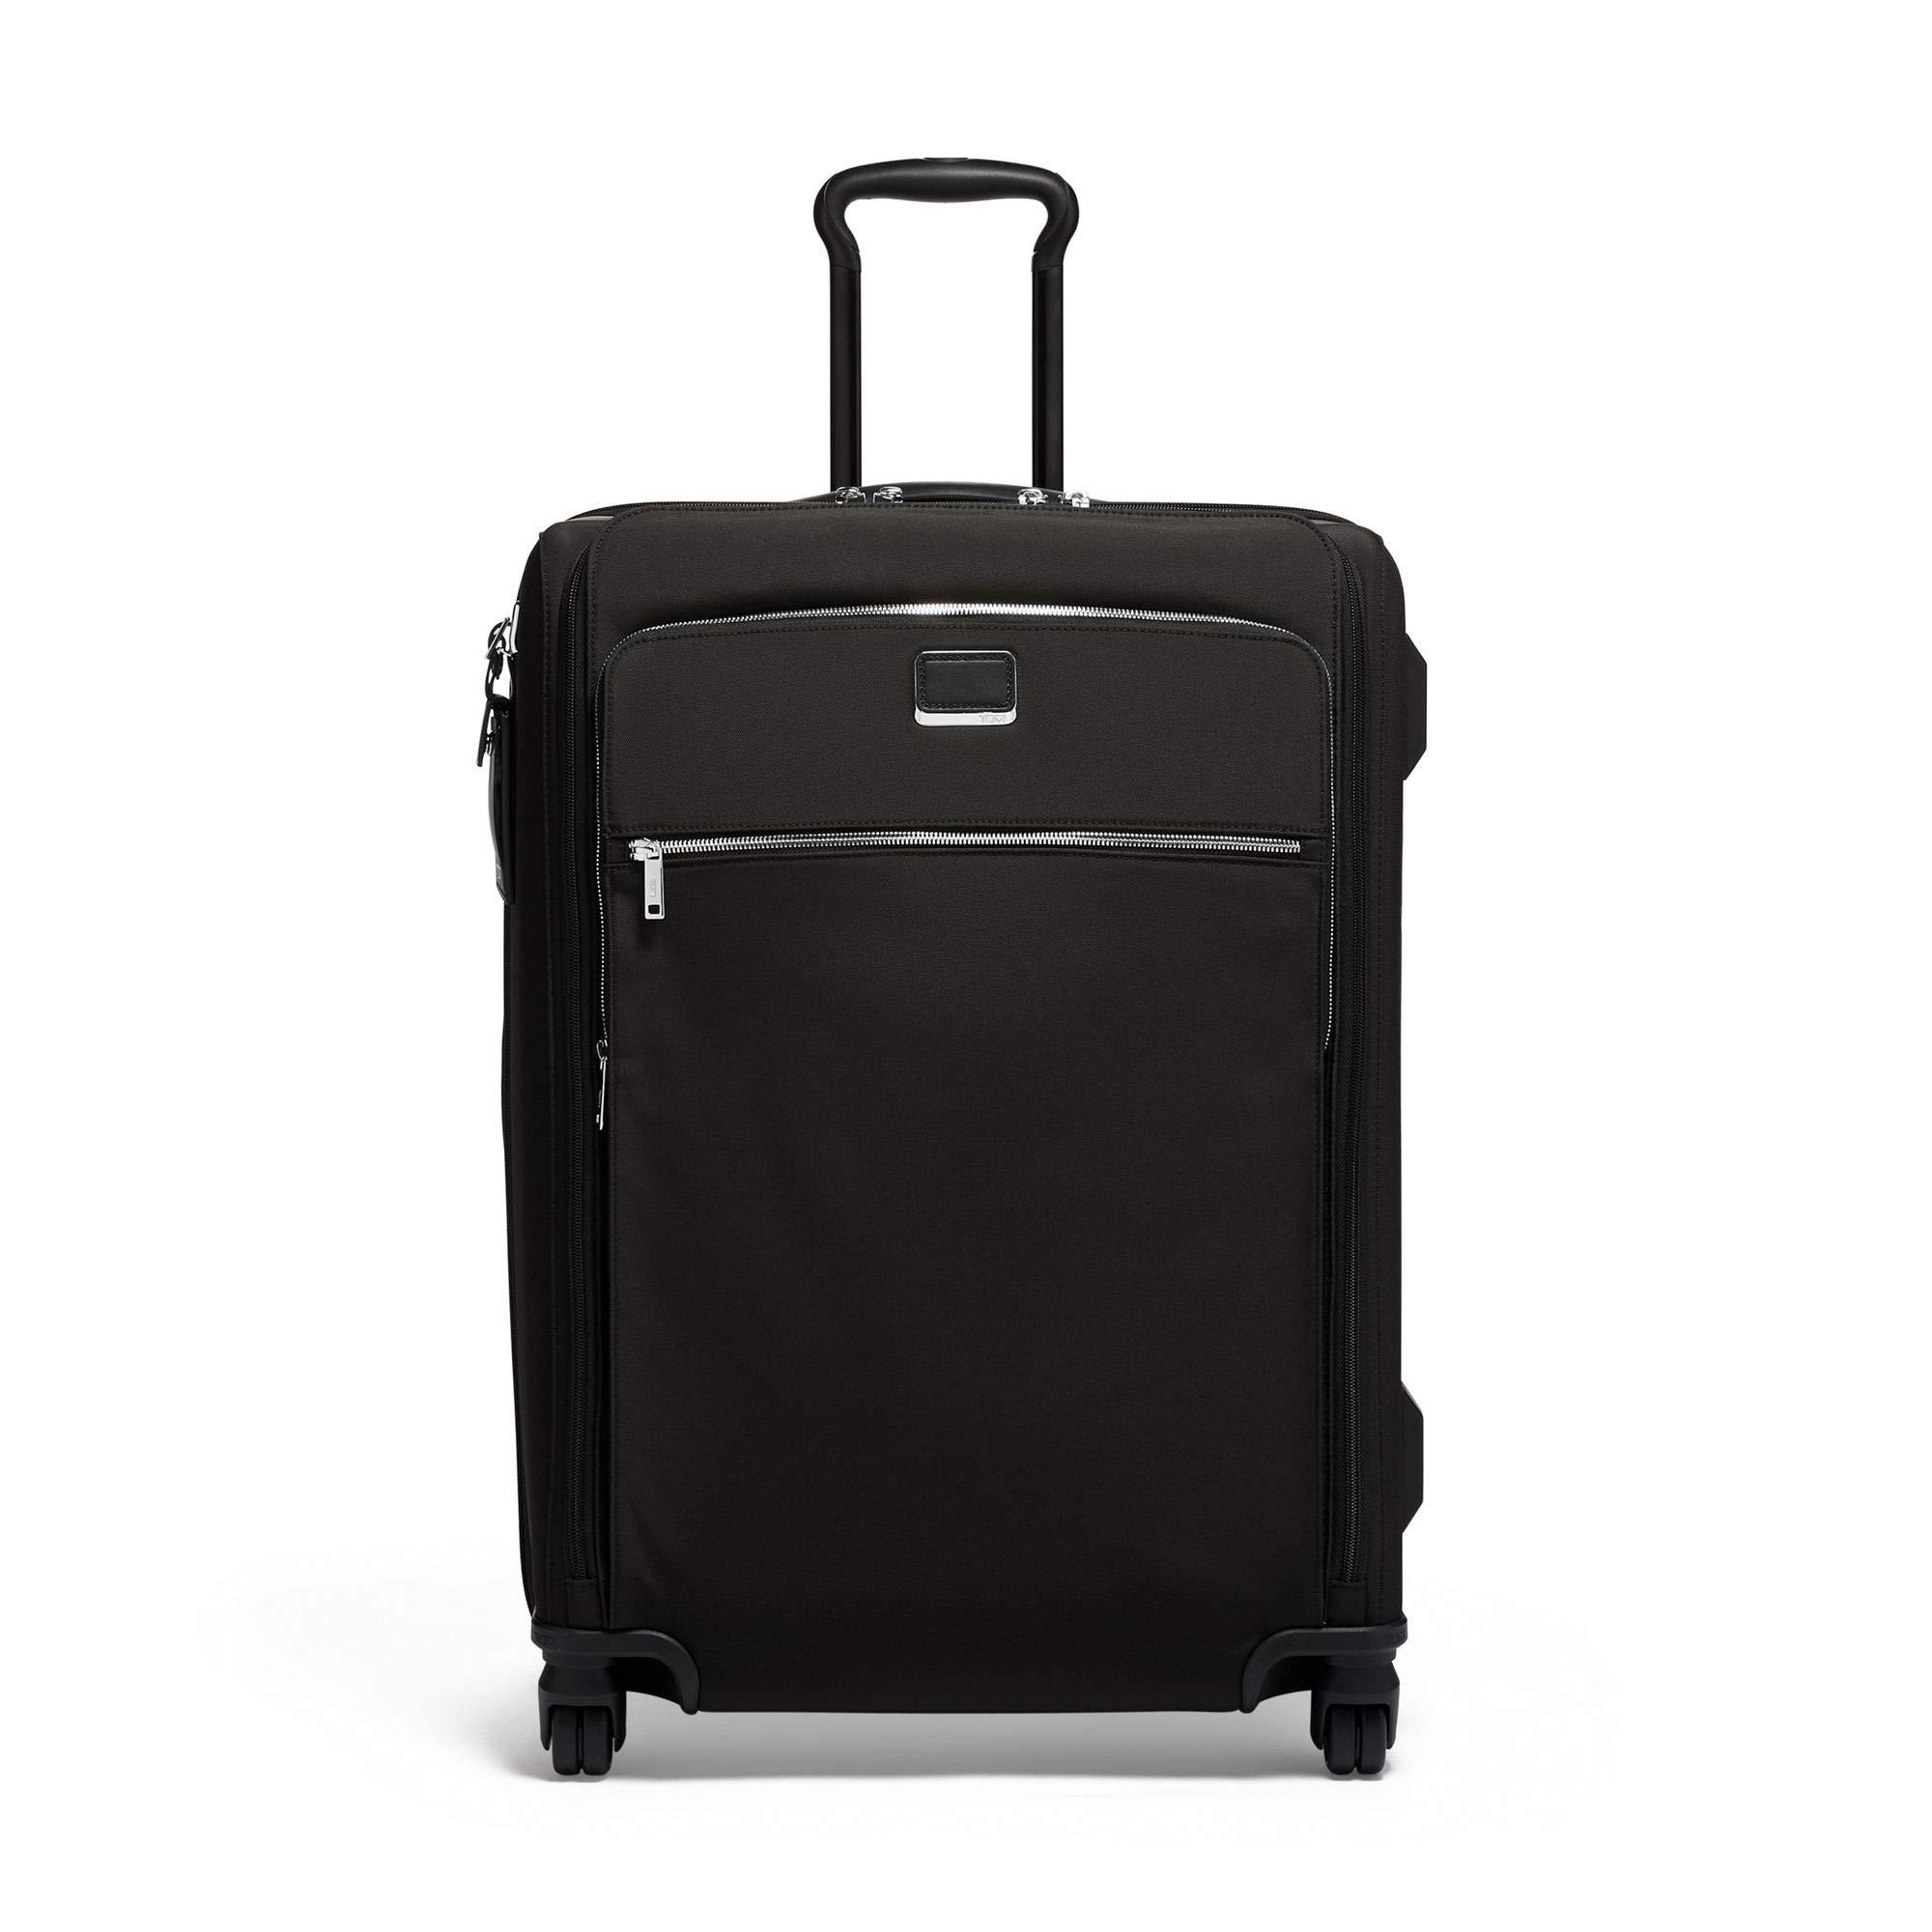 TUMI - Larkin Jordan Short Trip 4 Wheeled Packing Case - Black/Silver